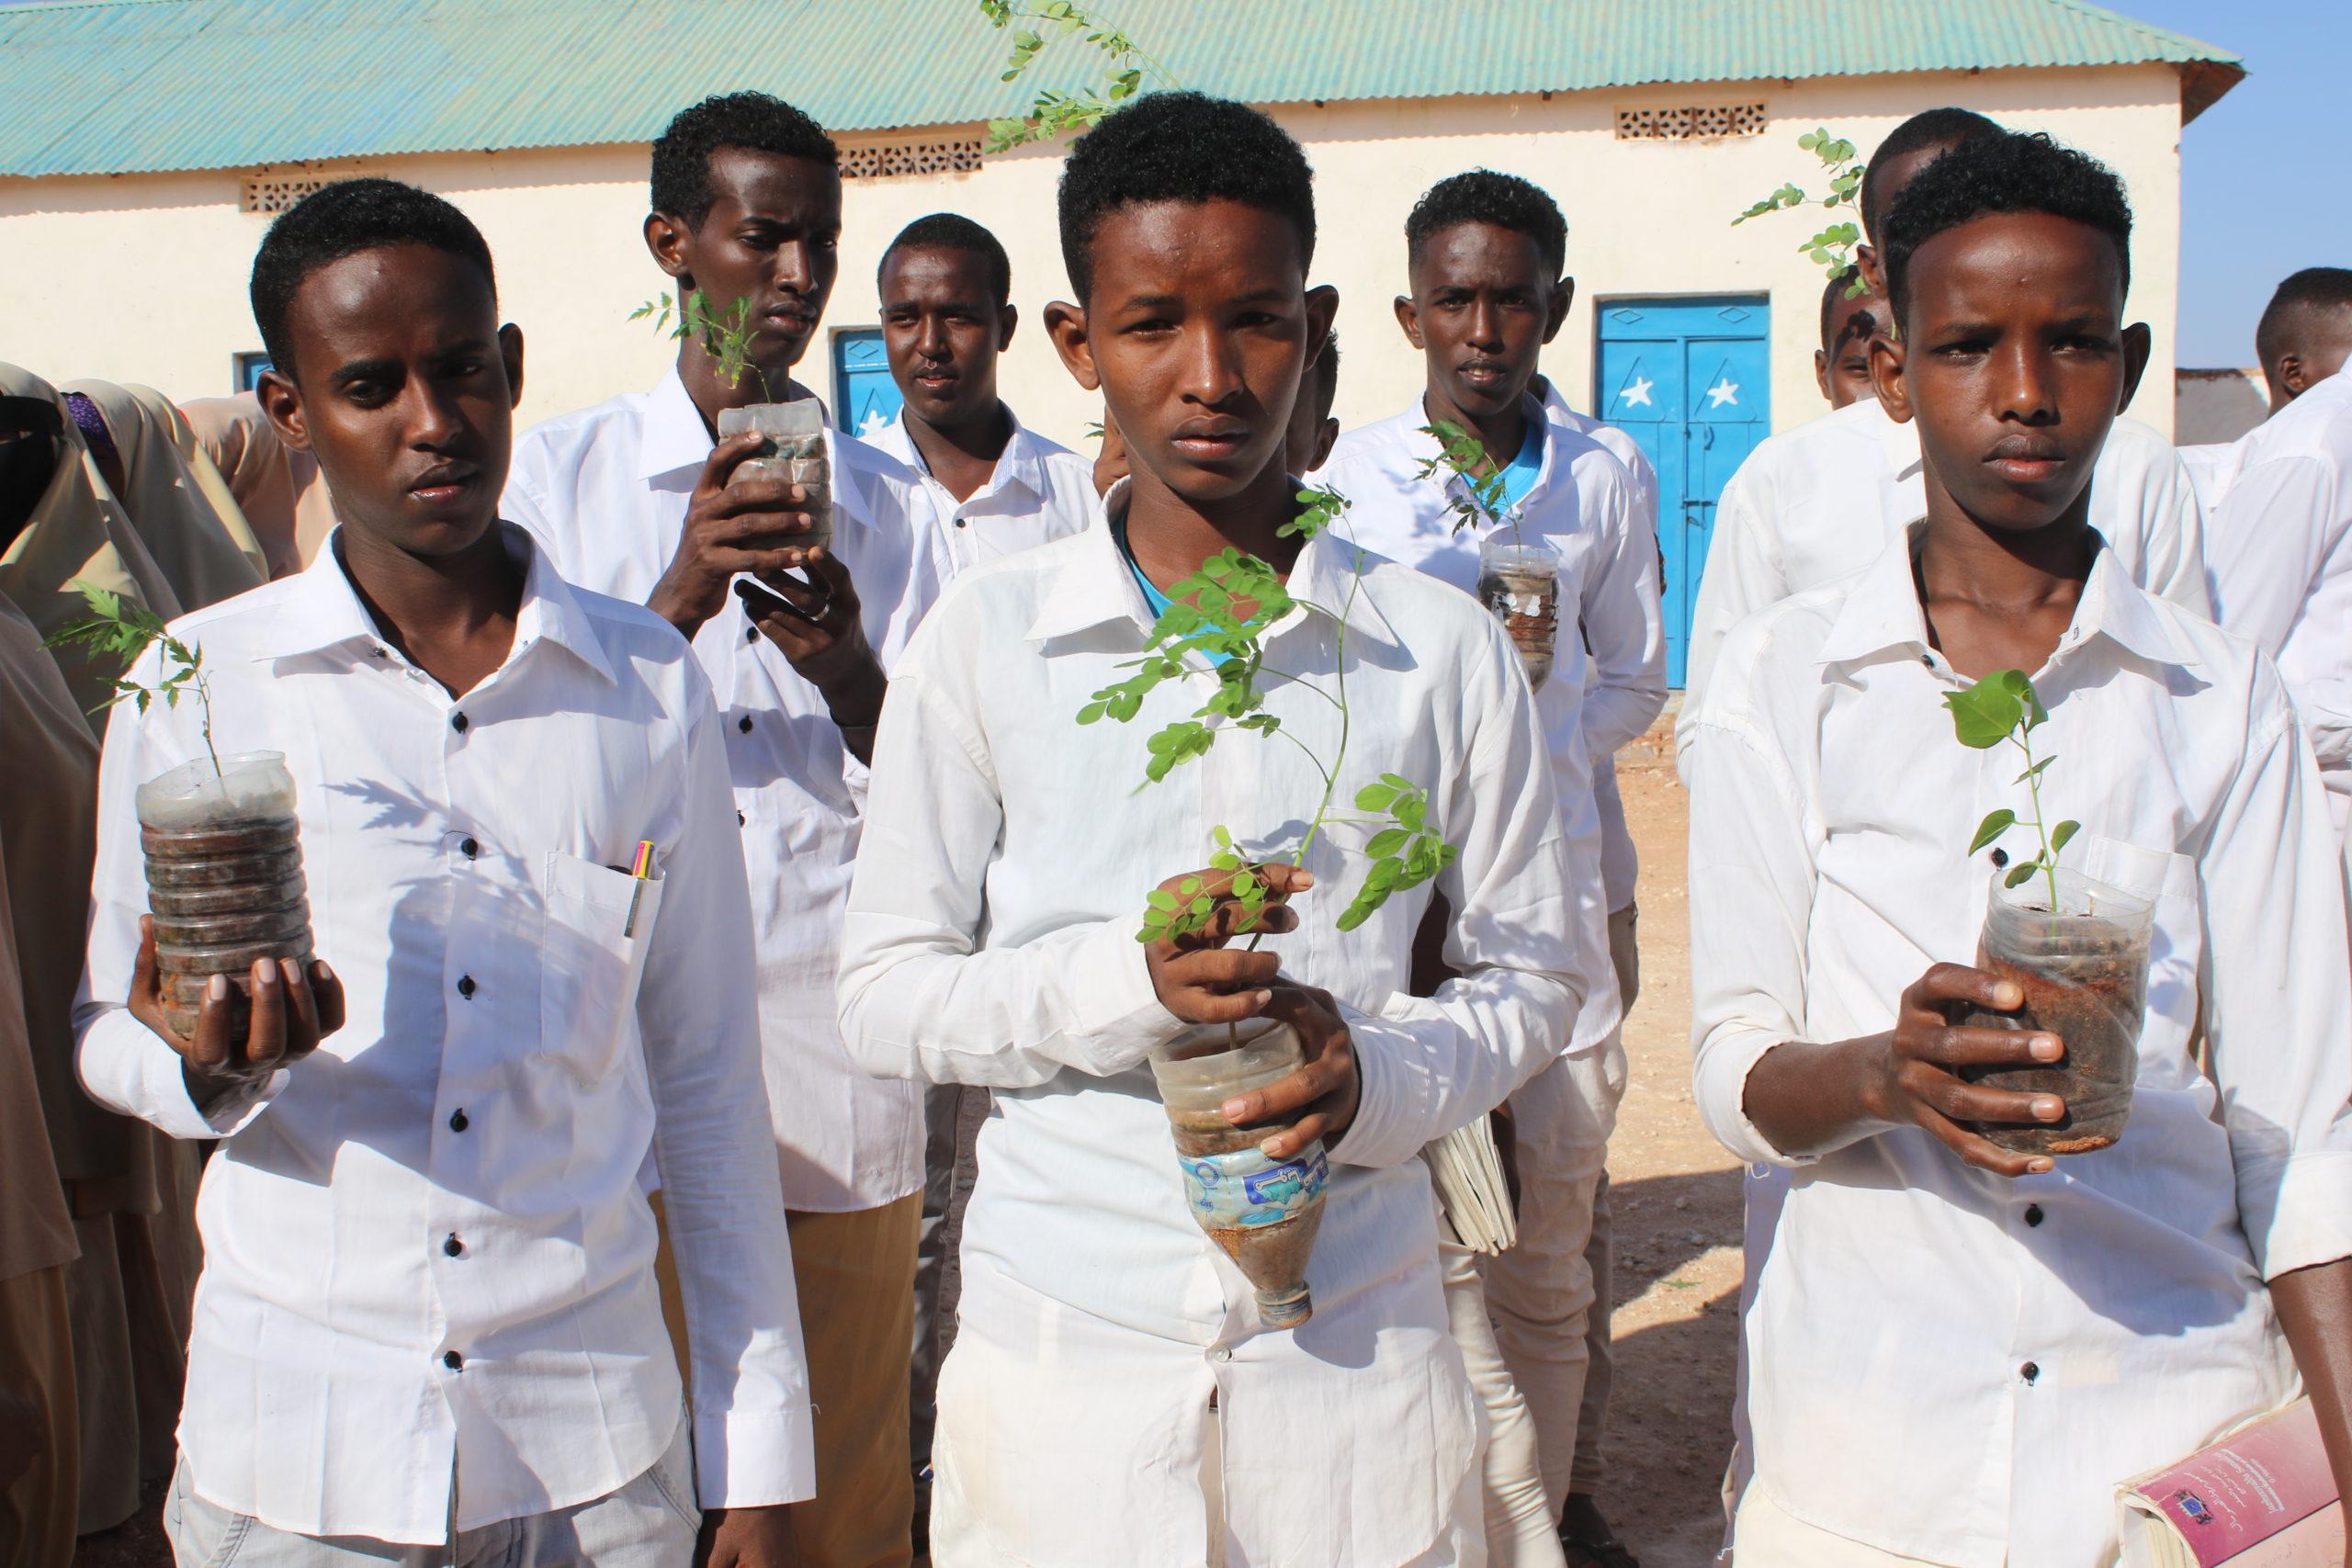 Koululaiset pitävät käsissään istutettavia taimia.